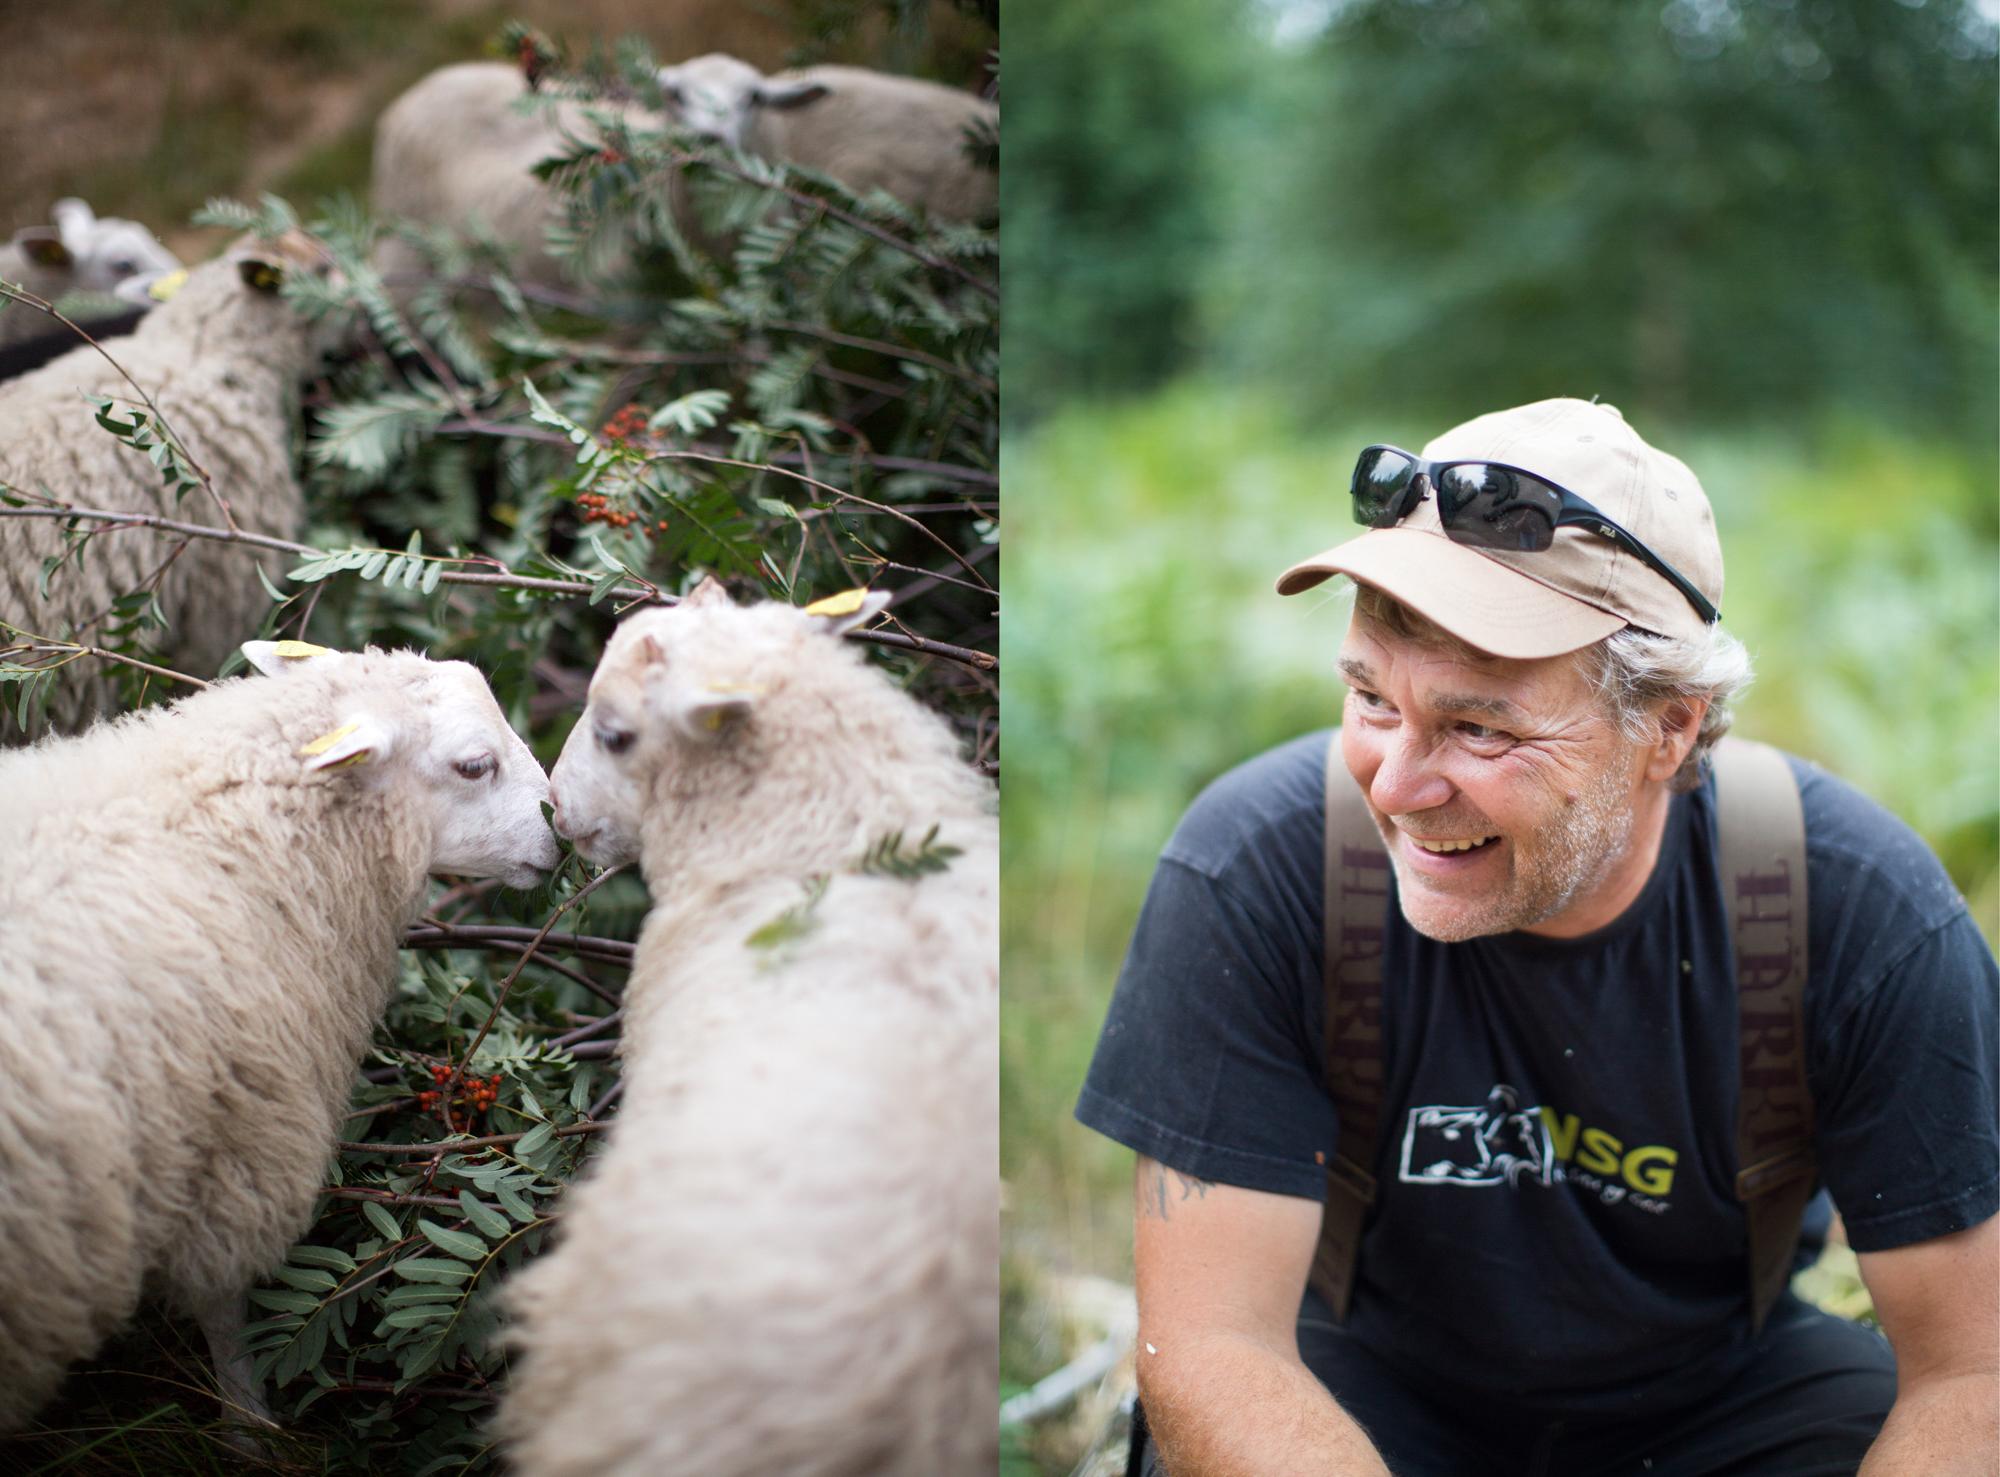 dag og sauene blogsrgb-16.jpg